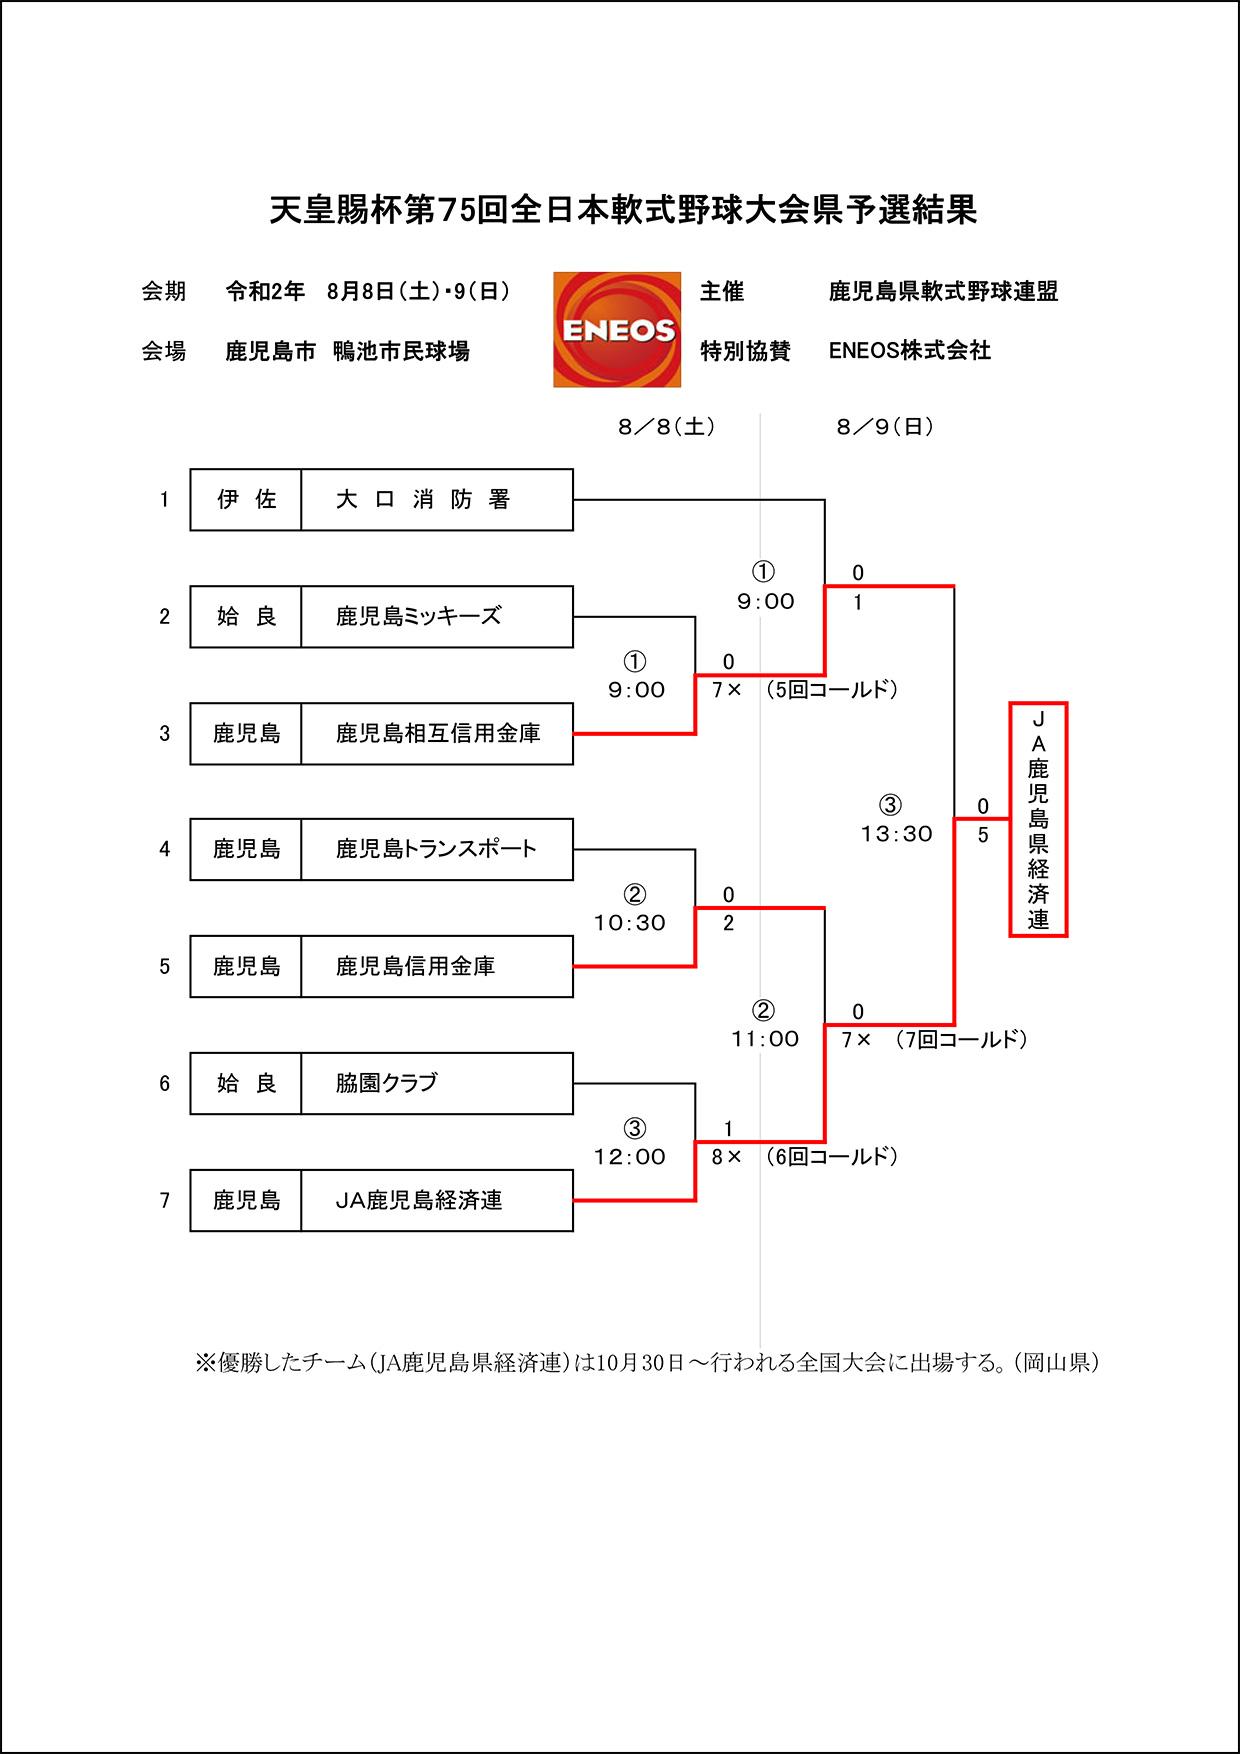 【結果】天皇賜杯第75回全日本軟式野球大会県予選